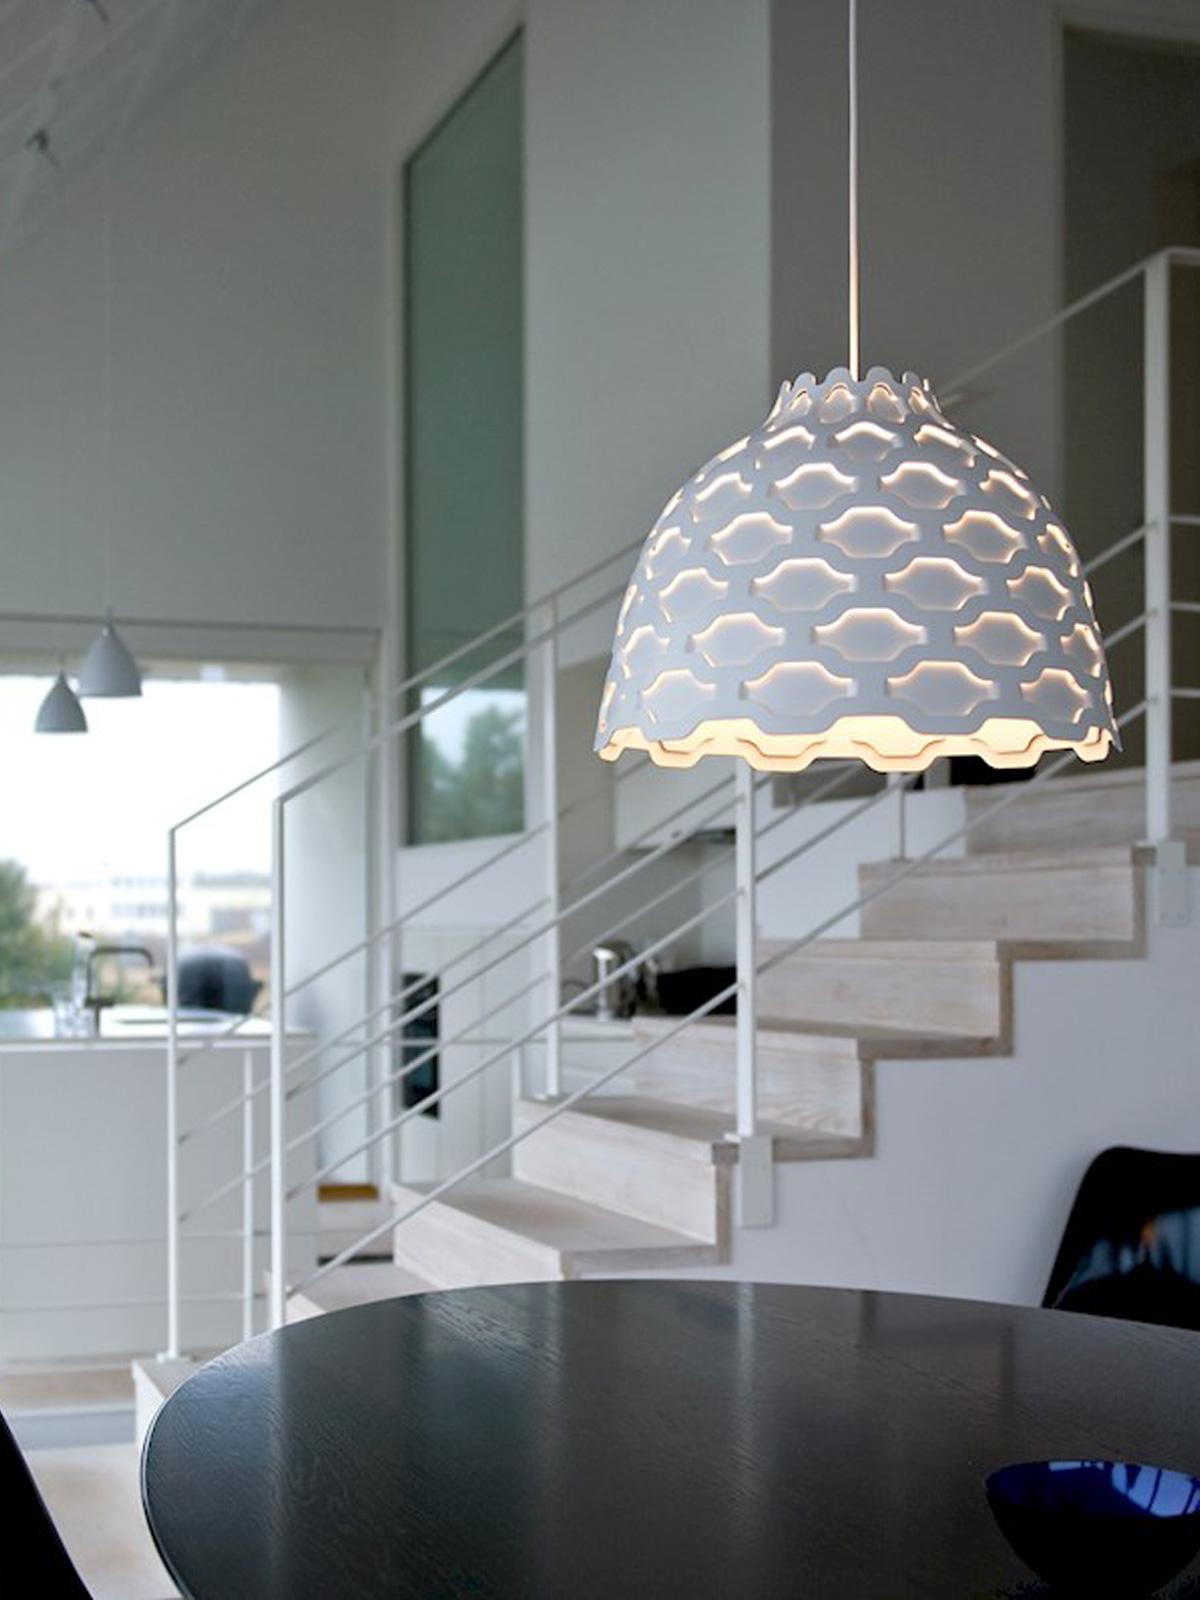 Lc shutters lampen leuchten designerleuchten online for Designerleuchten esszimmer